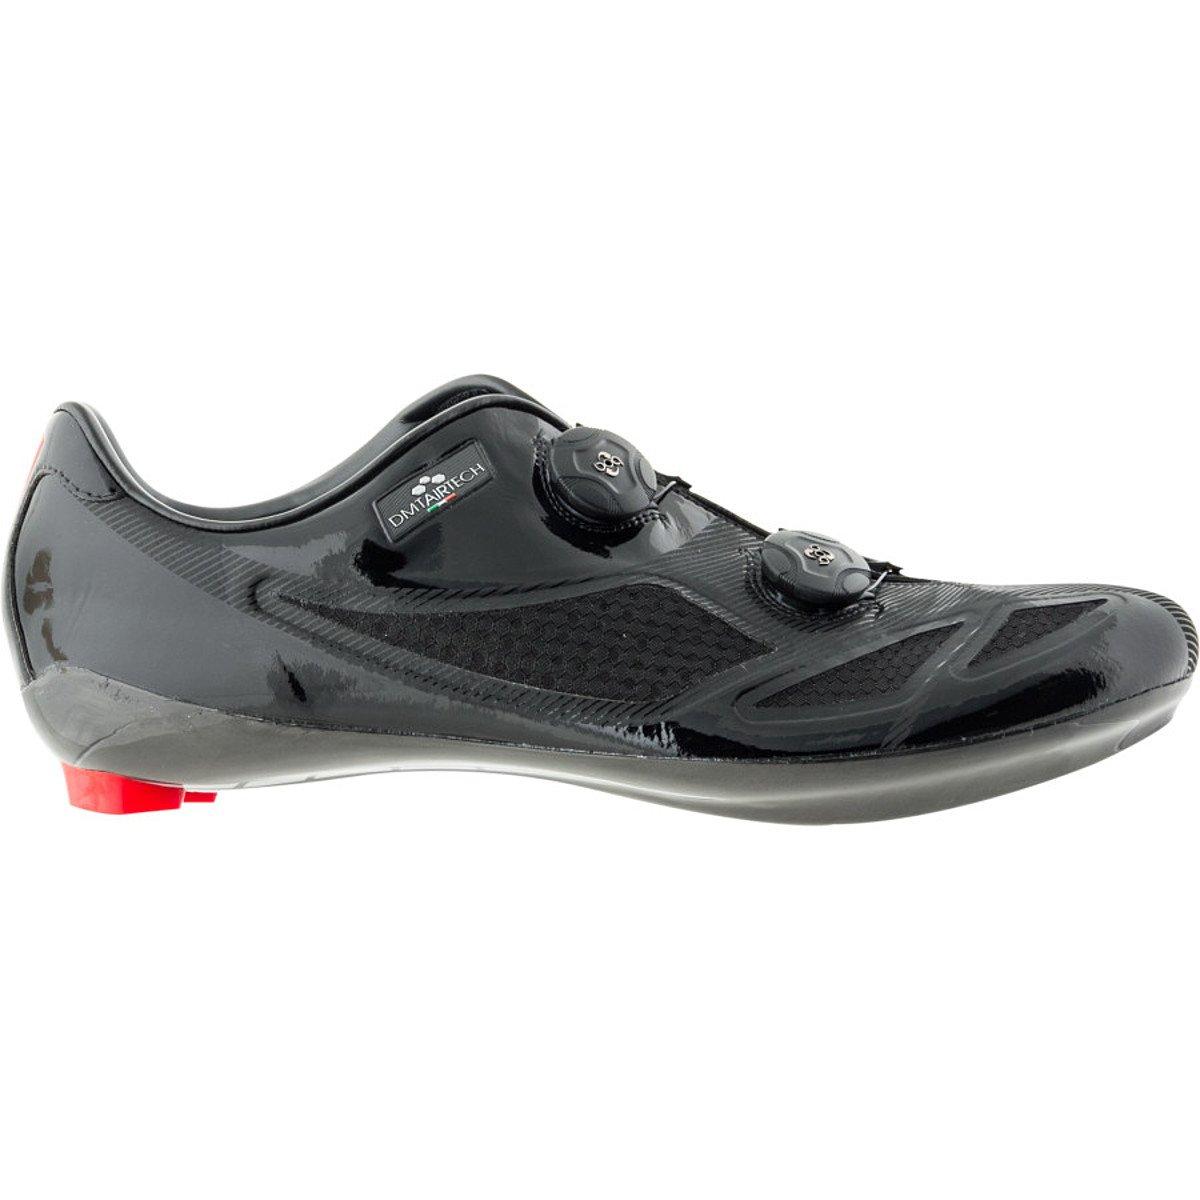 Diamant Dmt - Zapatillas dmt vega, talla 41, color negro: Amazon.es: Deportes y aire libre